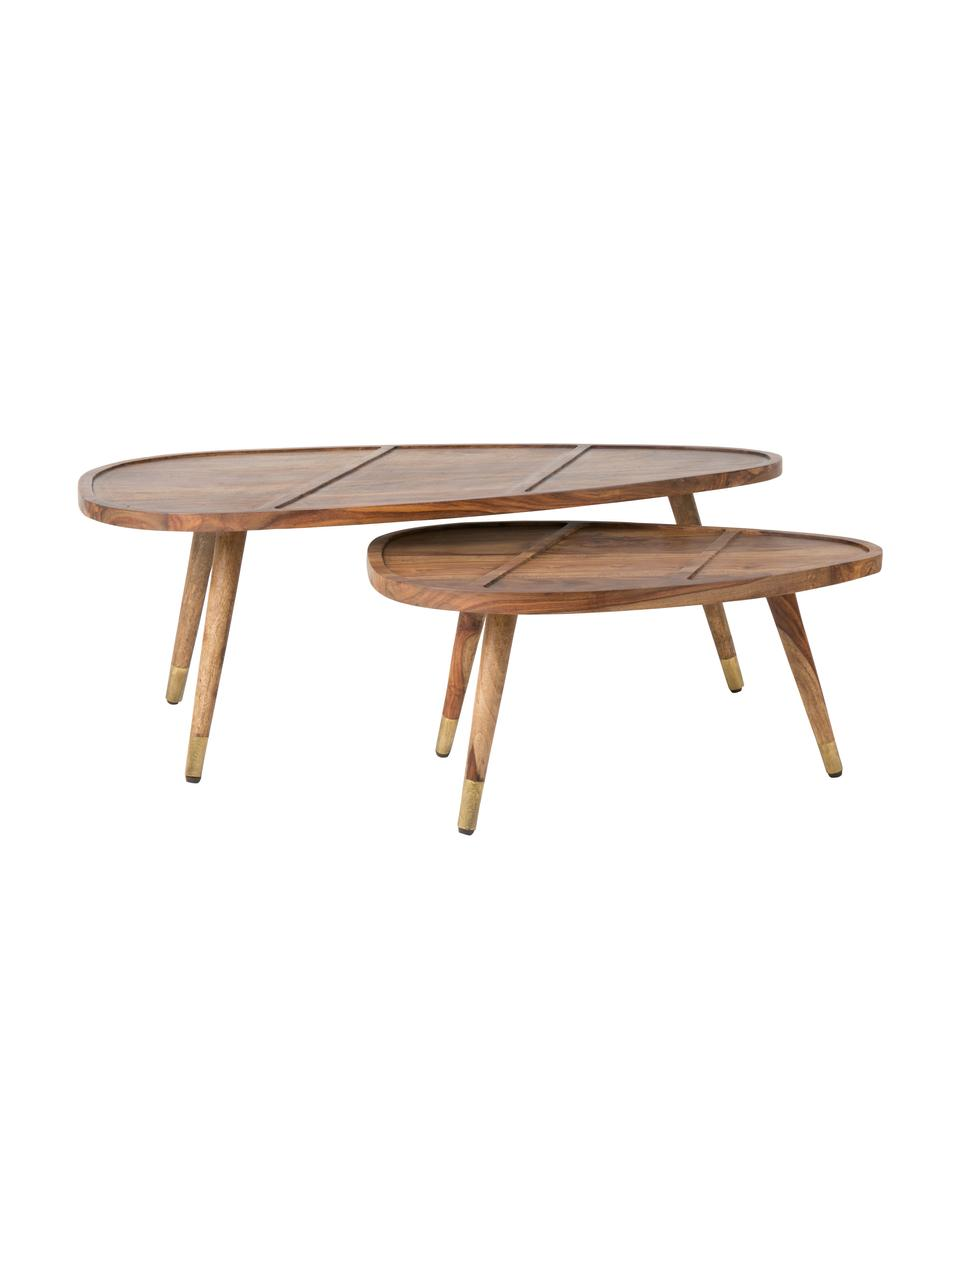 Couchtisch 2er-Set Sham aus Sheeshamholz, Tischplatte und Beine oben: Sheeshamholz<br>Beine unten: Goldfarben, 110 x 40 cm